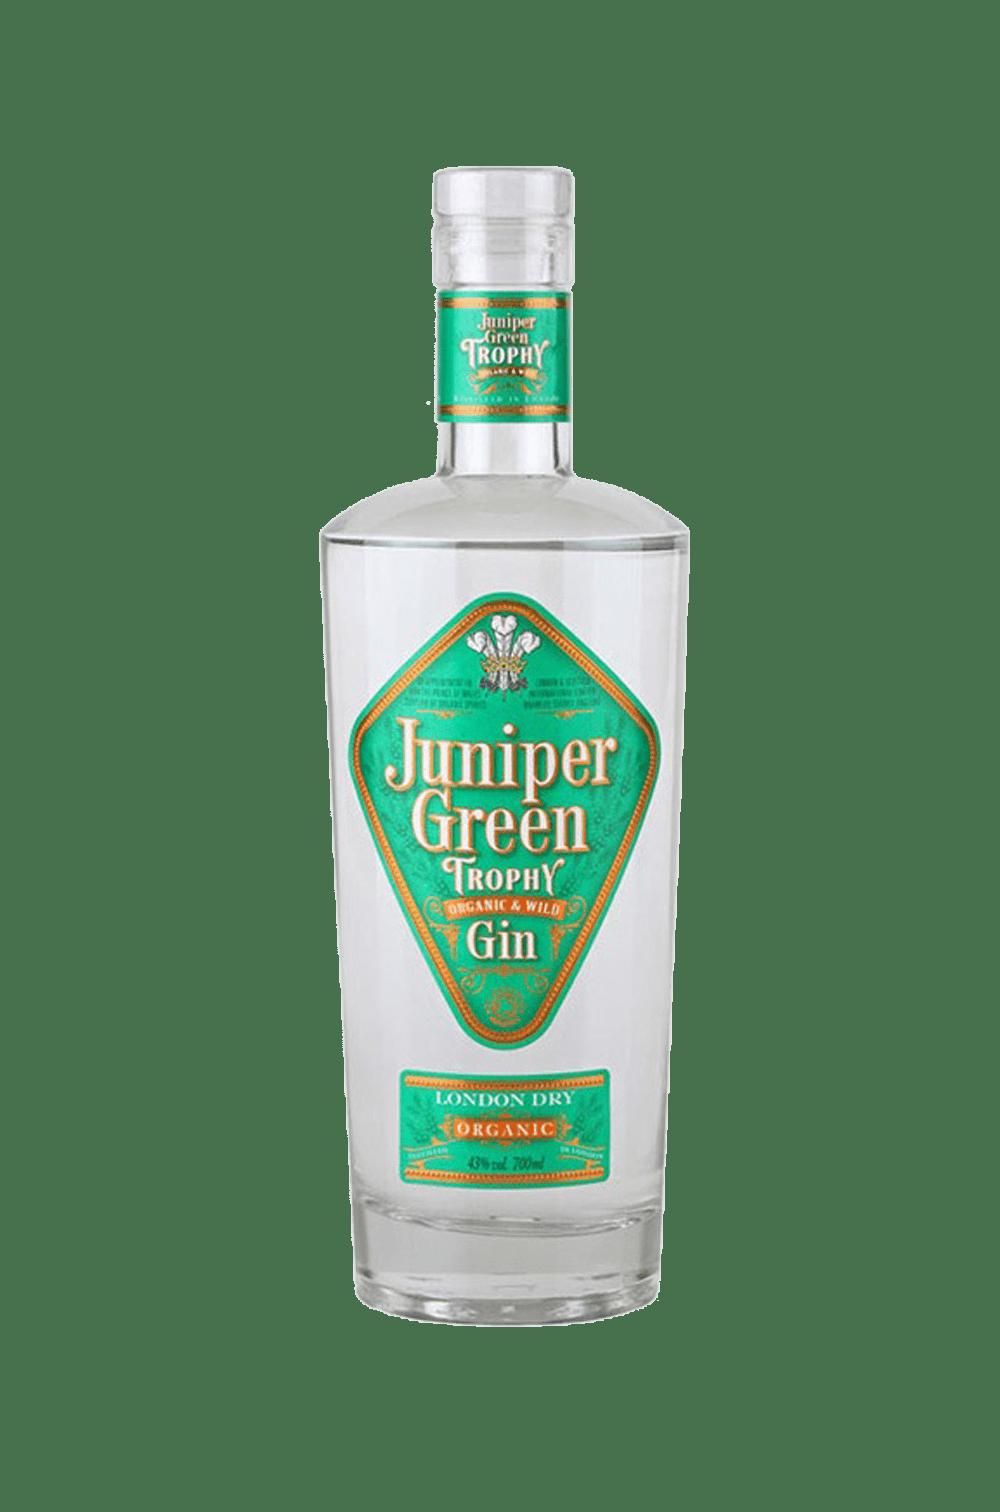 Juniper Trophy